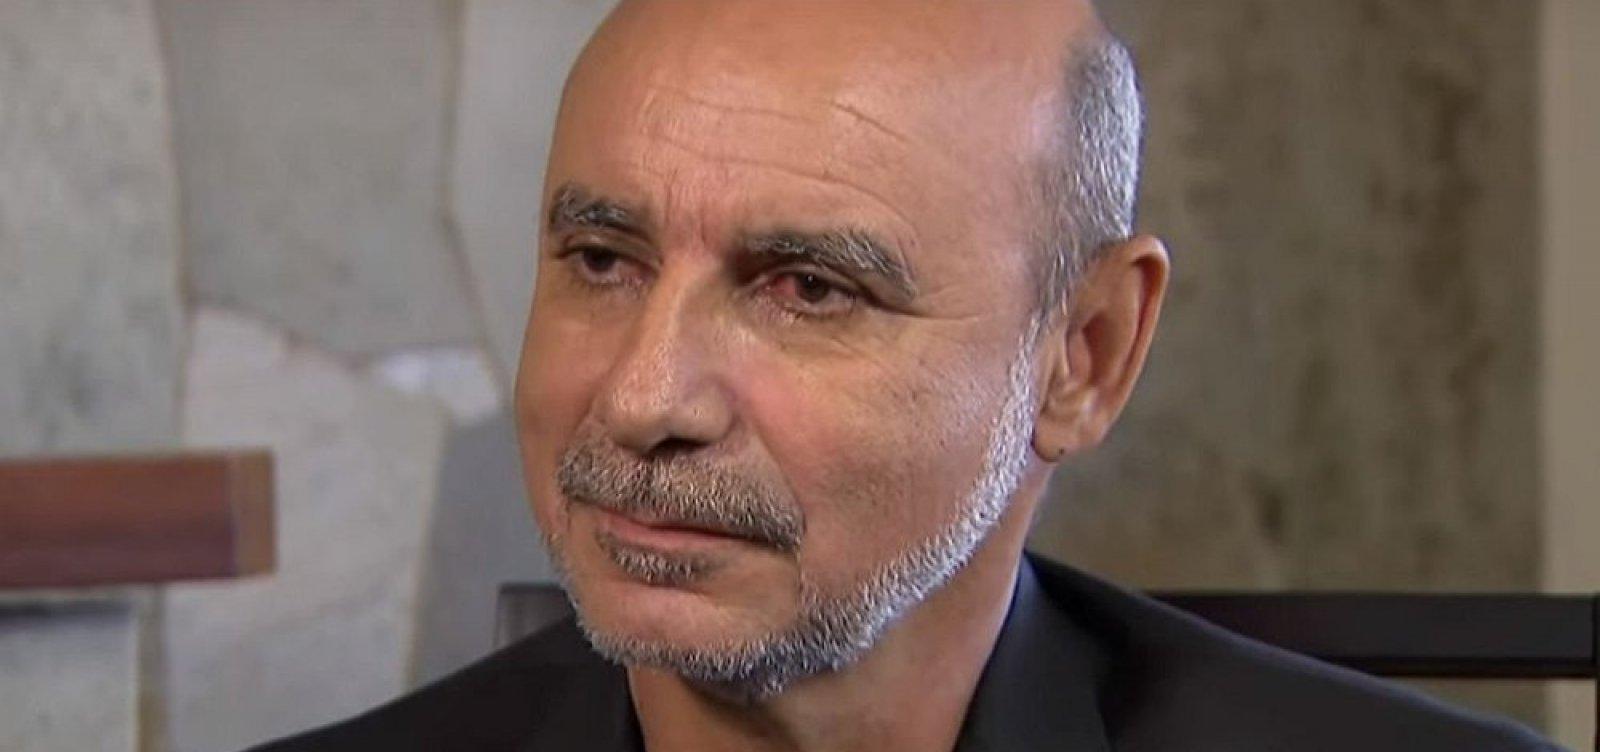 Novos áudios de Queiroz: ex-assessor fala em blindar Bolsonaro e assumir PSL